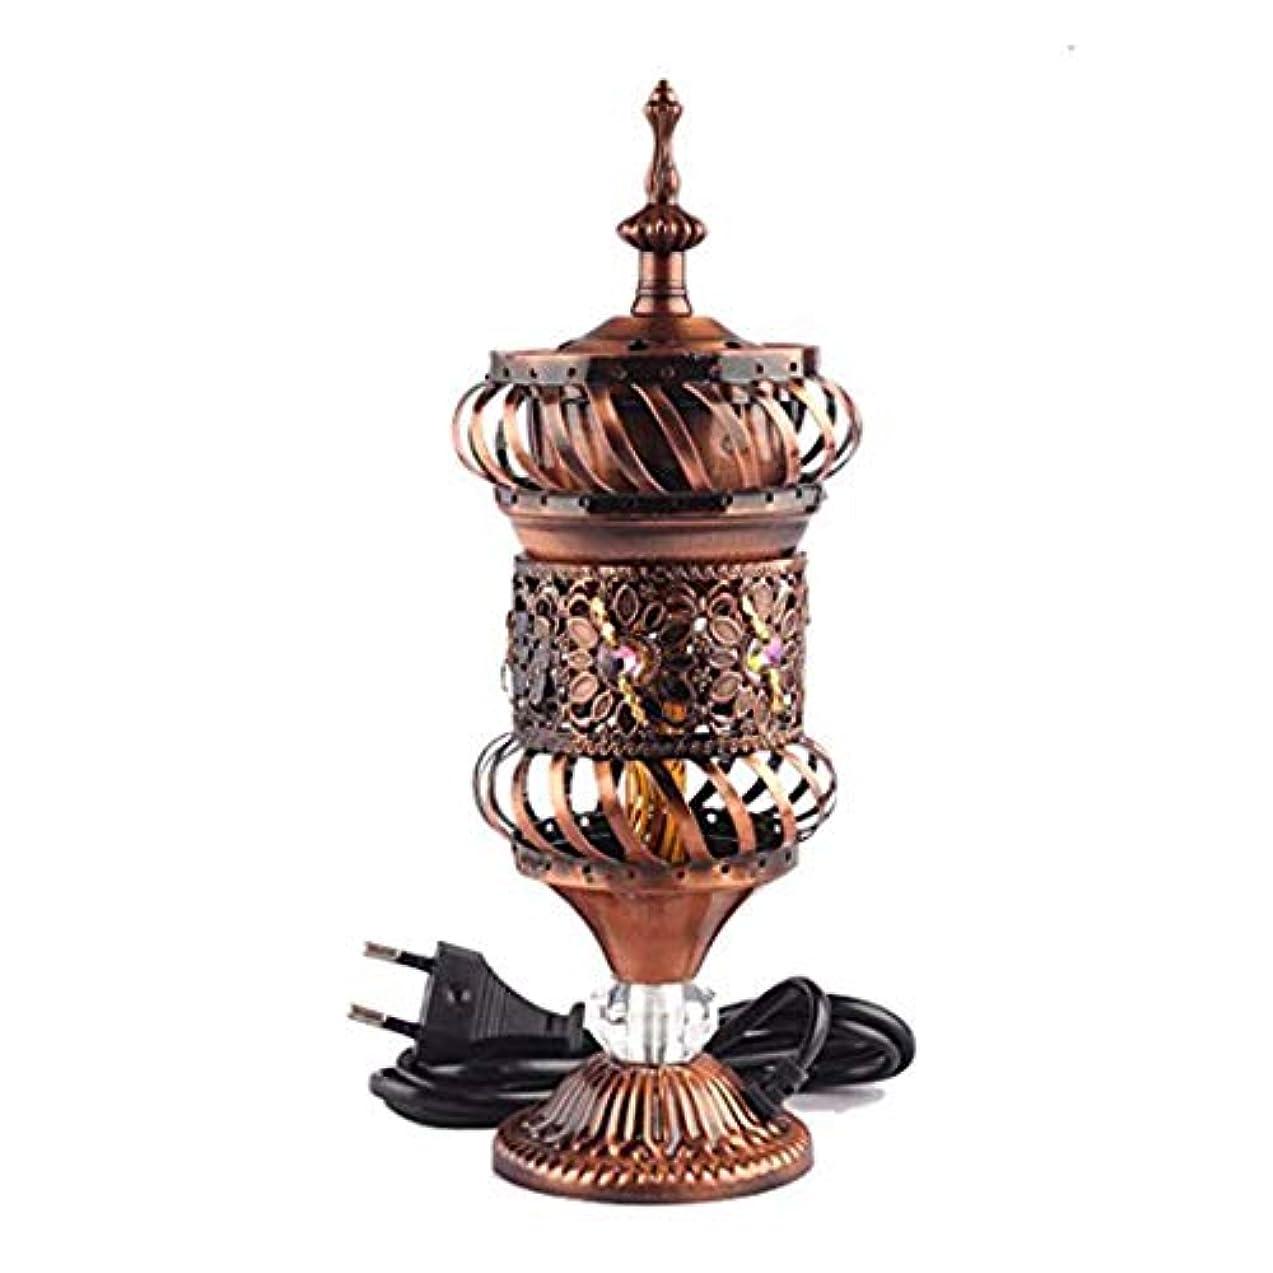 ゴミ箱を空にする神経衰弱抽出OMG-Deal Electric Bakhoor Burner Electric Incense Burner +Camphor- Oud Resin Frankincense Camphor Positive Energy...